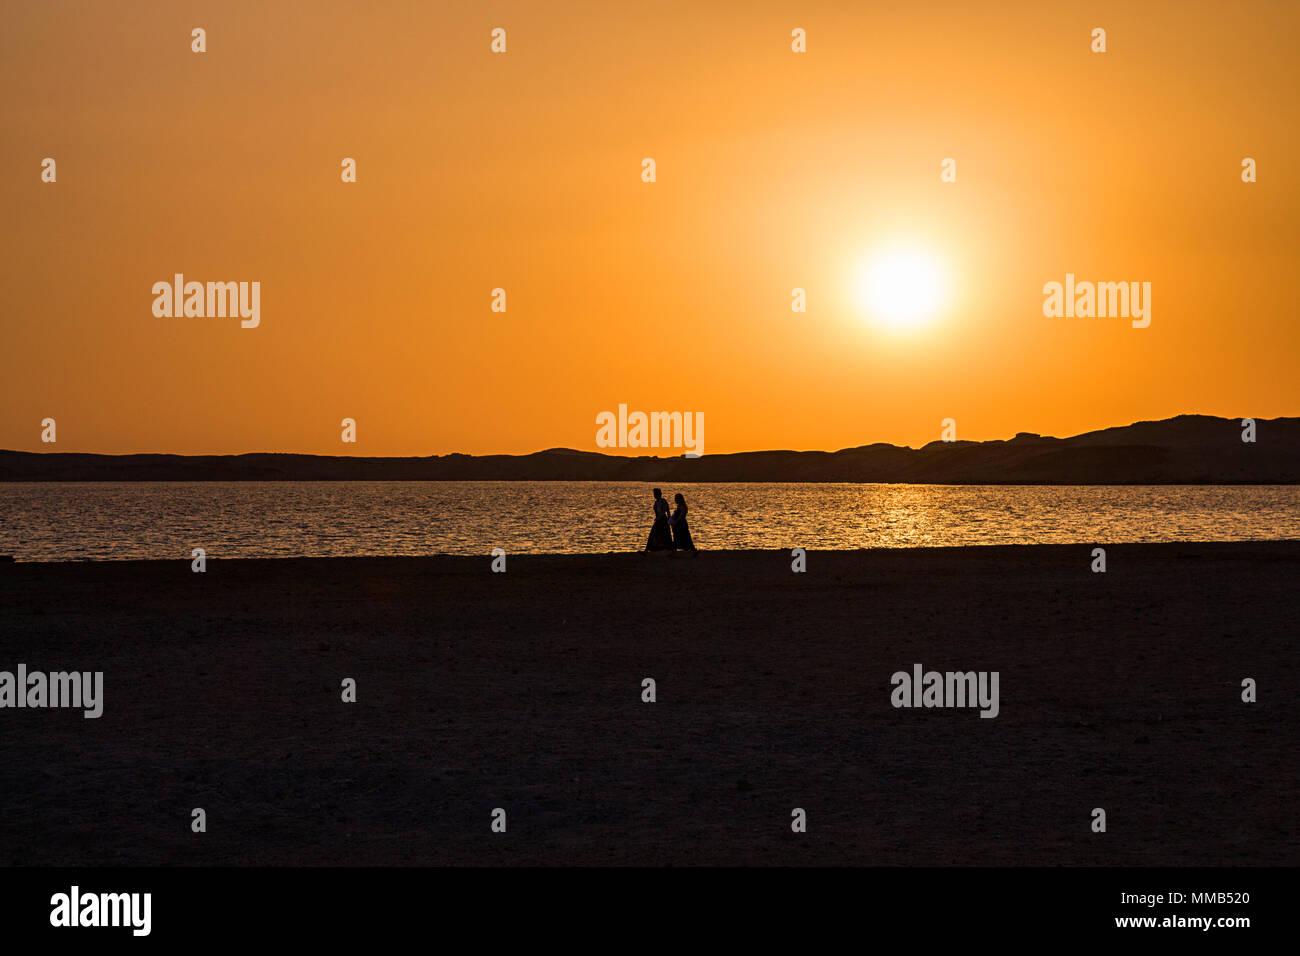 Sunset in Ras Mohammed, Sinai, Egypt - Stock Image